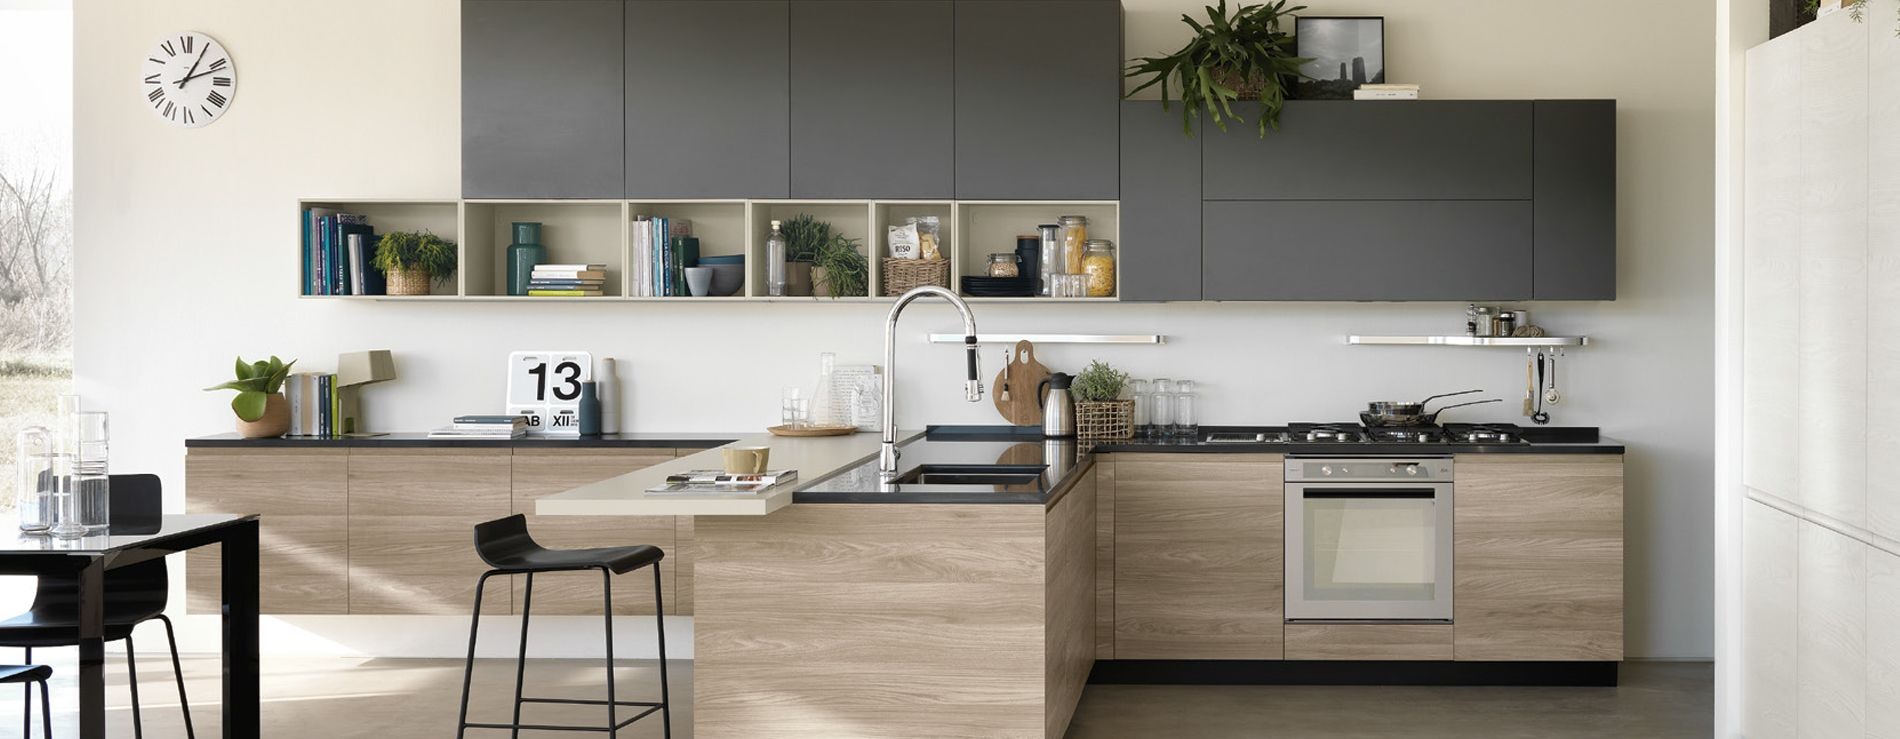 Cucina Scavolini Motus: un perfetto esempio di design applicato ad ...